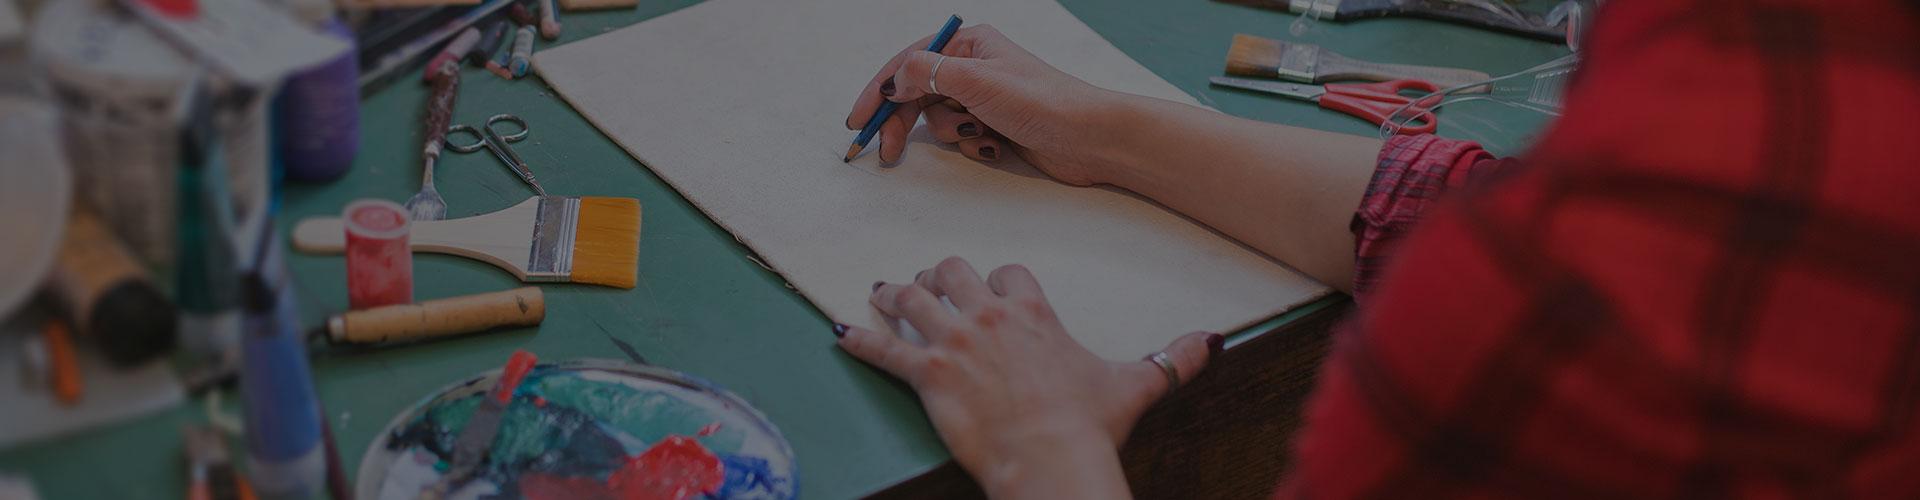 フリーイラスト素材(キャラ、背景、デザイン素材)